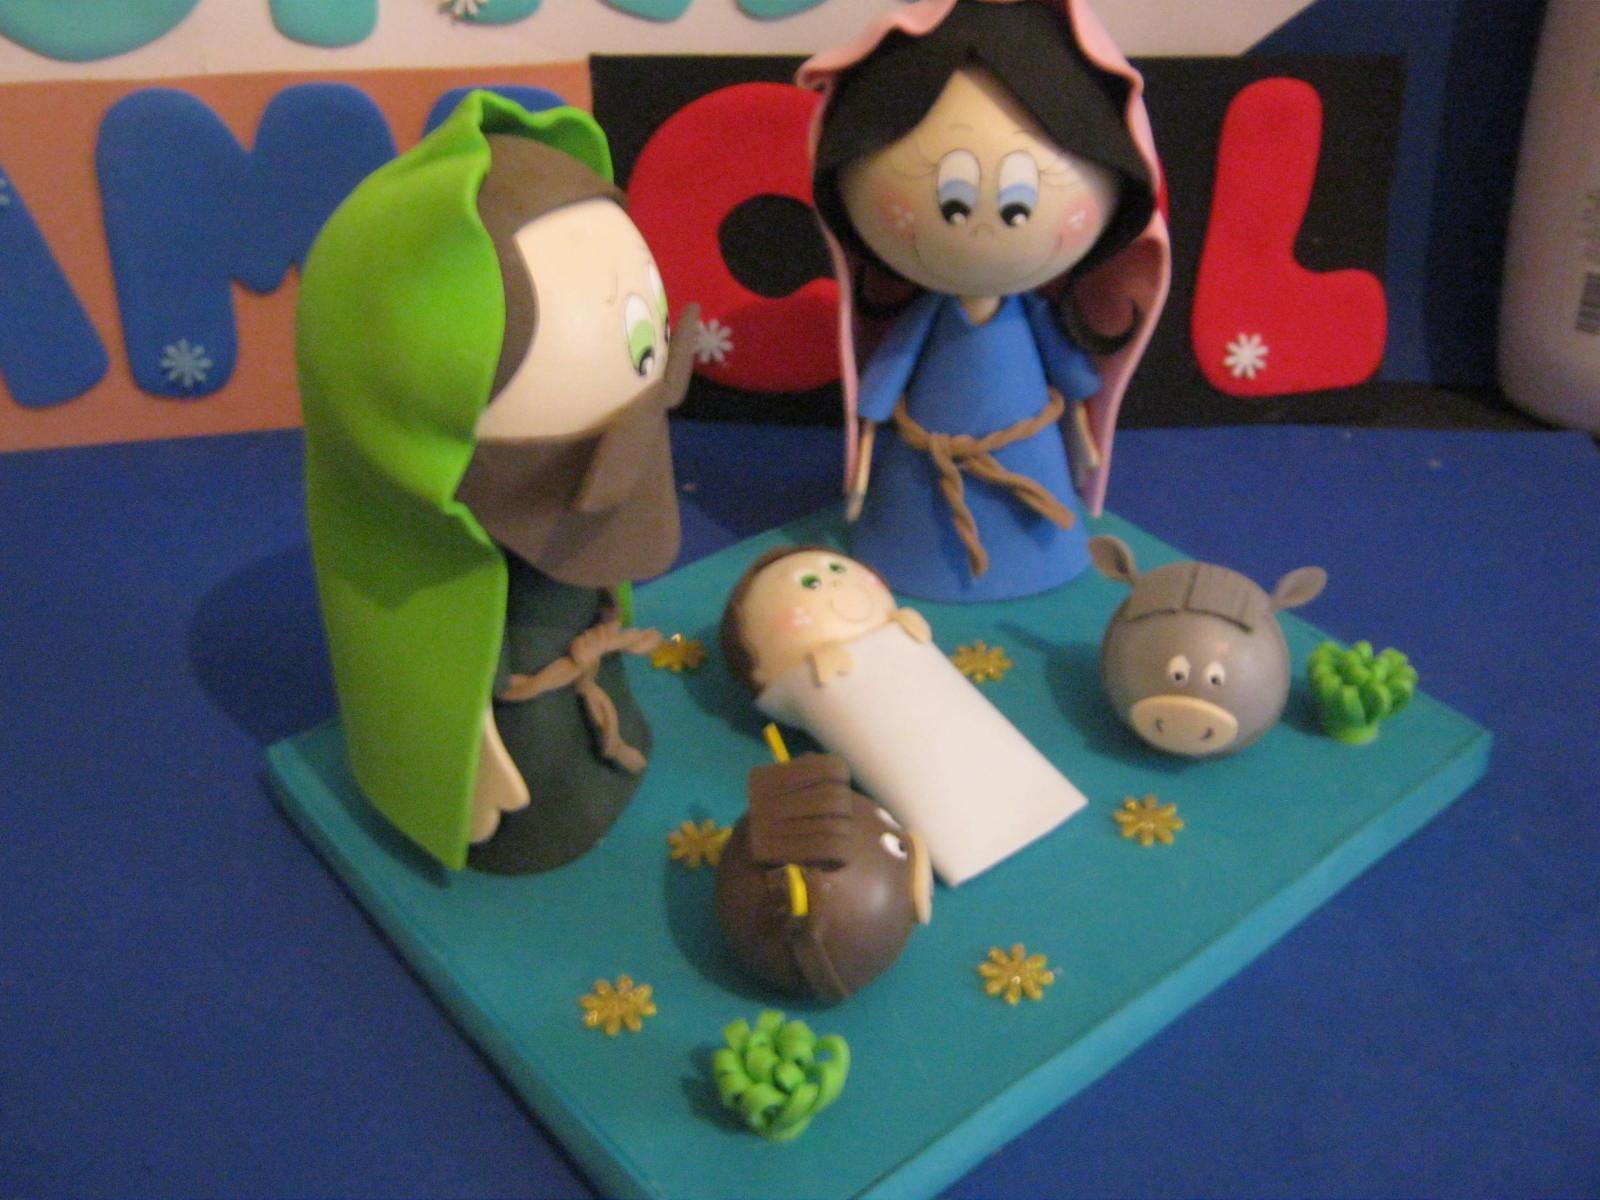 MAS MODELOS EN zonapurpura.blogspot.com